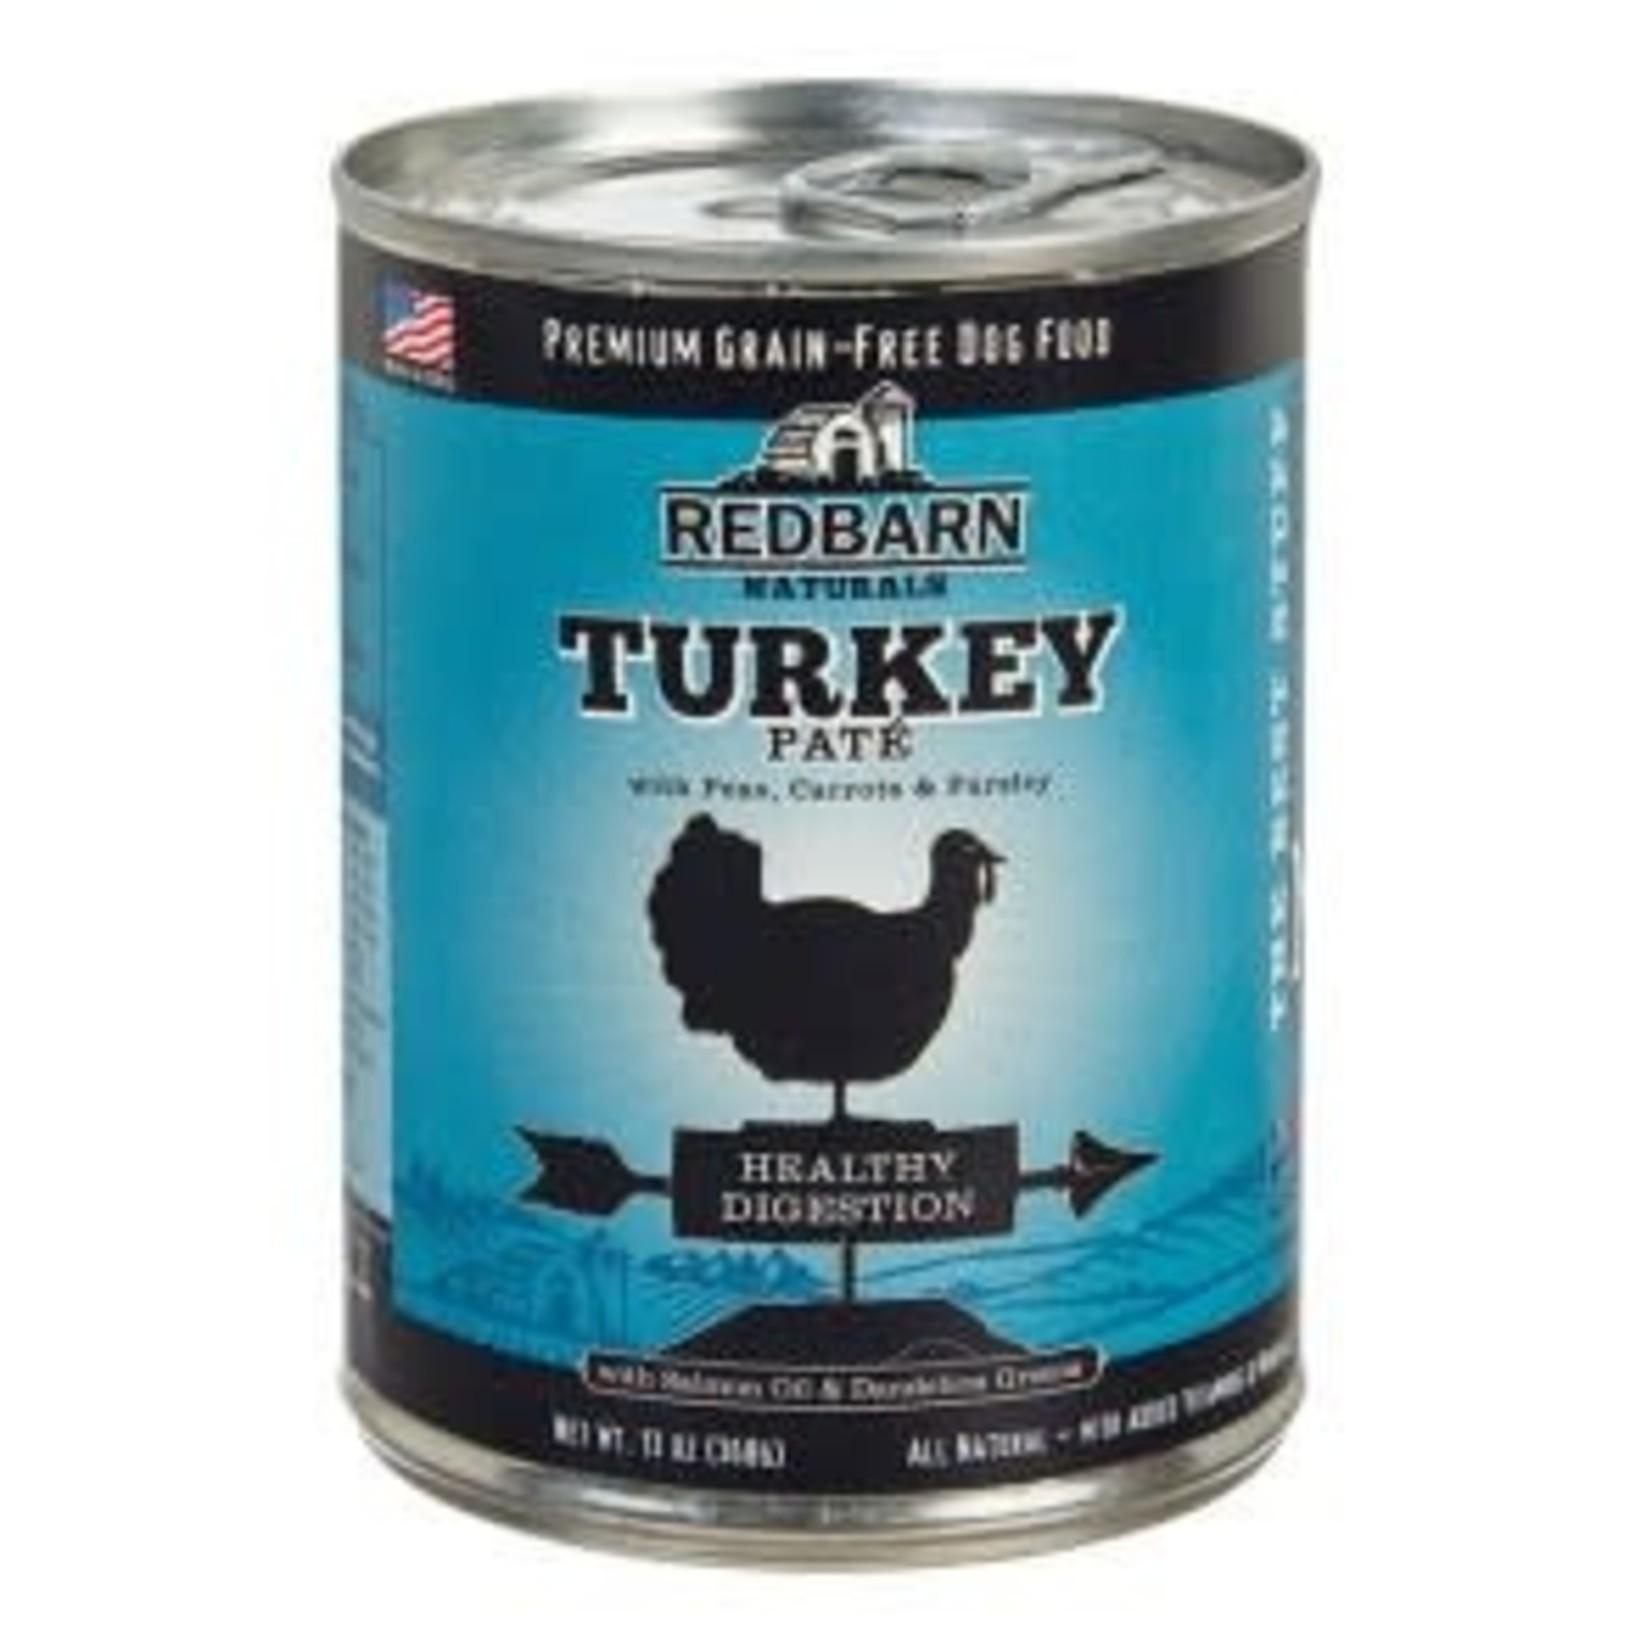 Red Barn REDBARN Turkey Pate Digest Can Dog 13oz